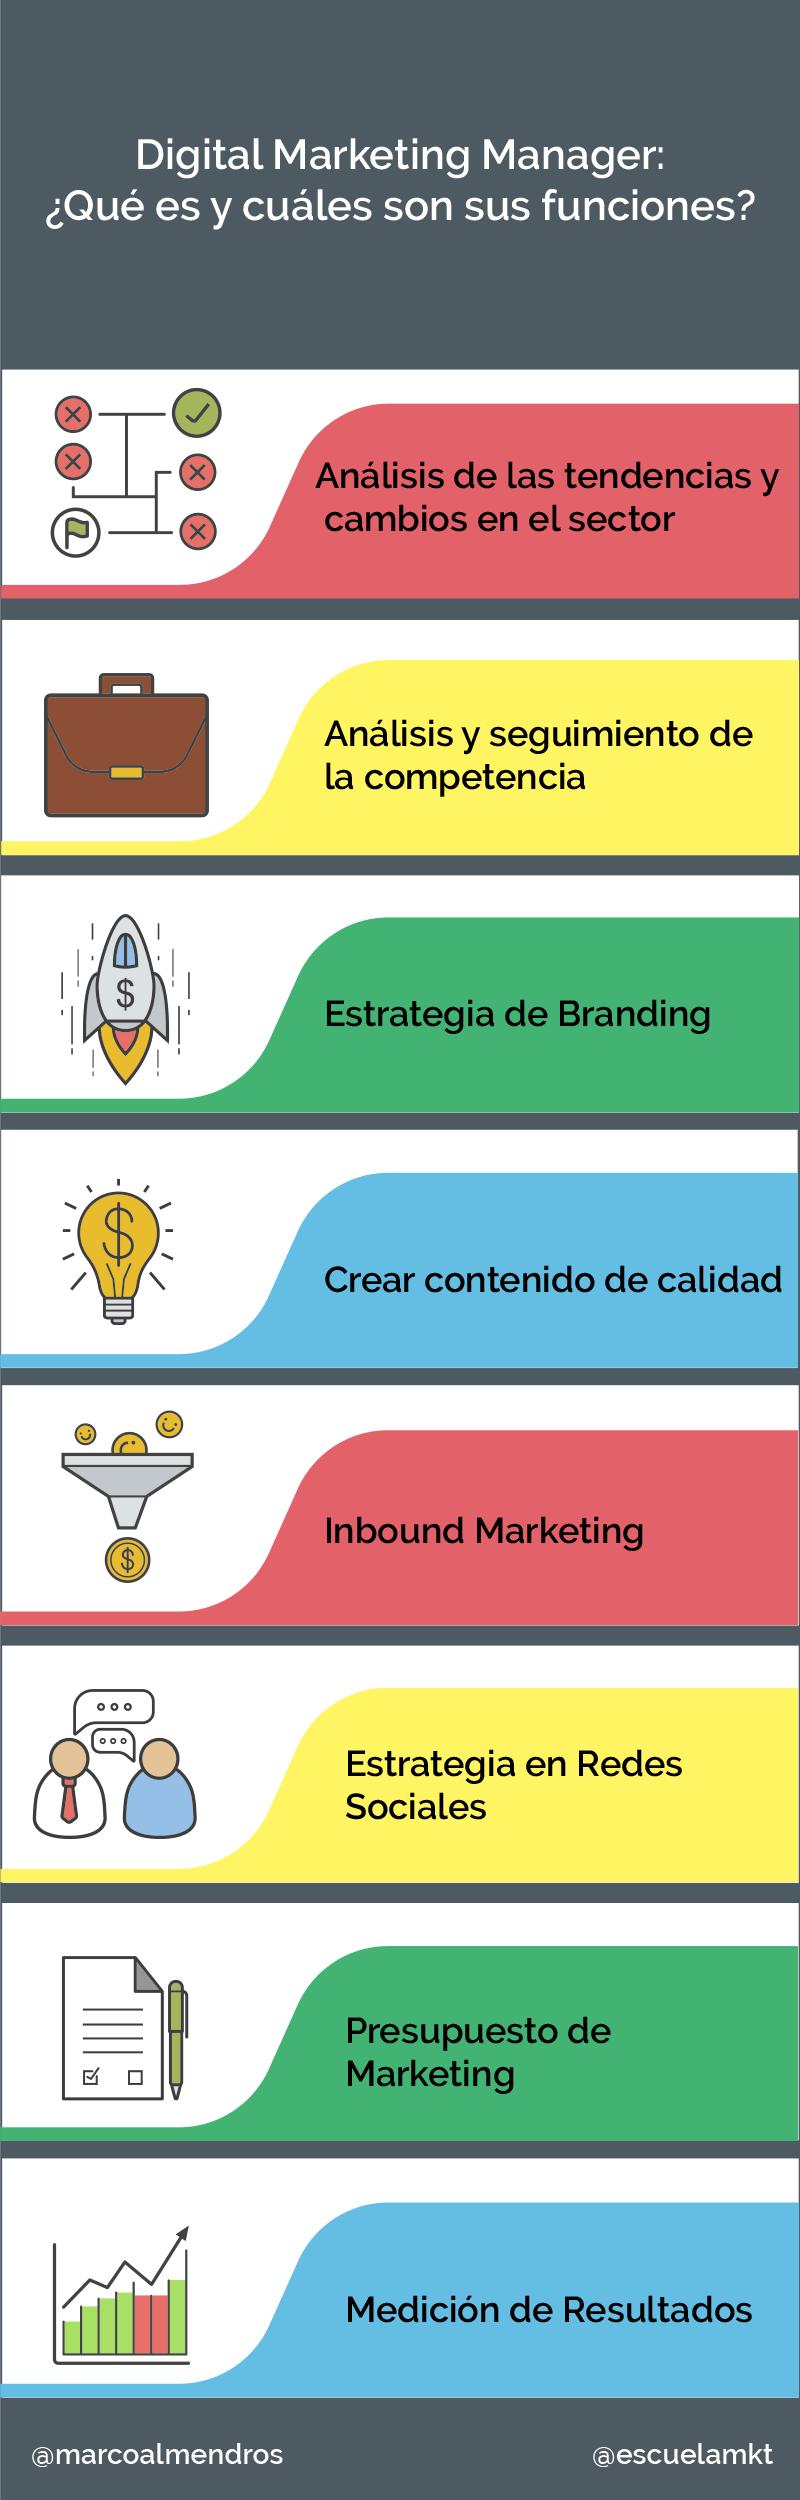 Funciones del Digital Marketing Manager